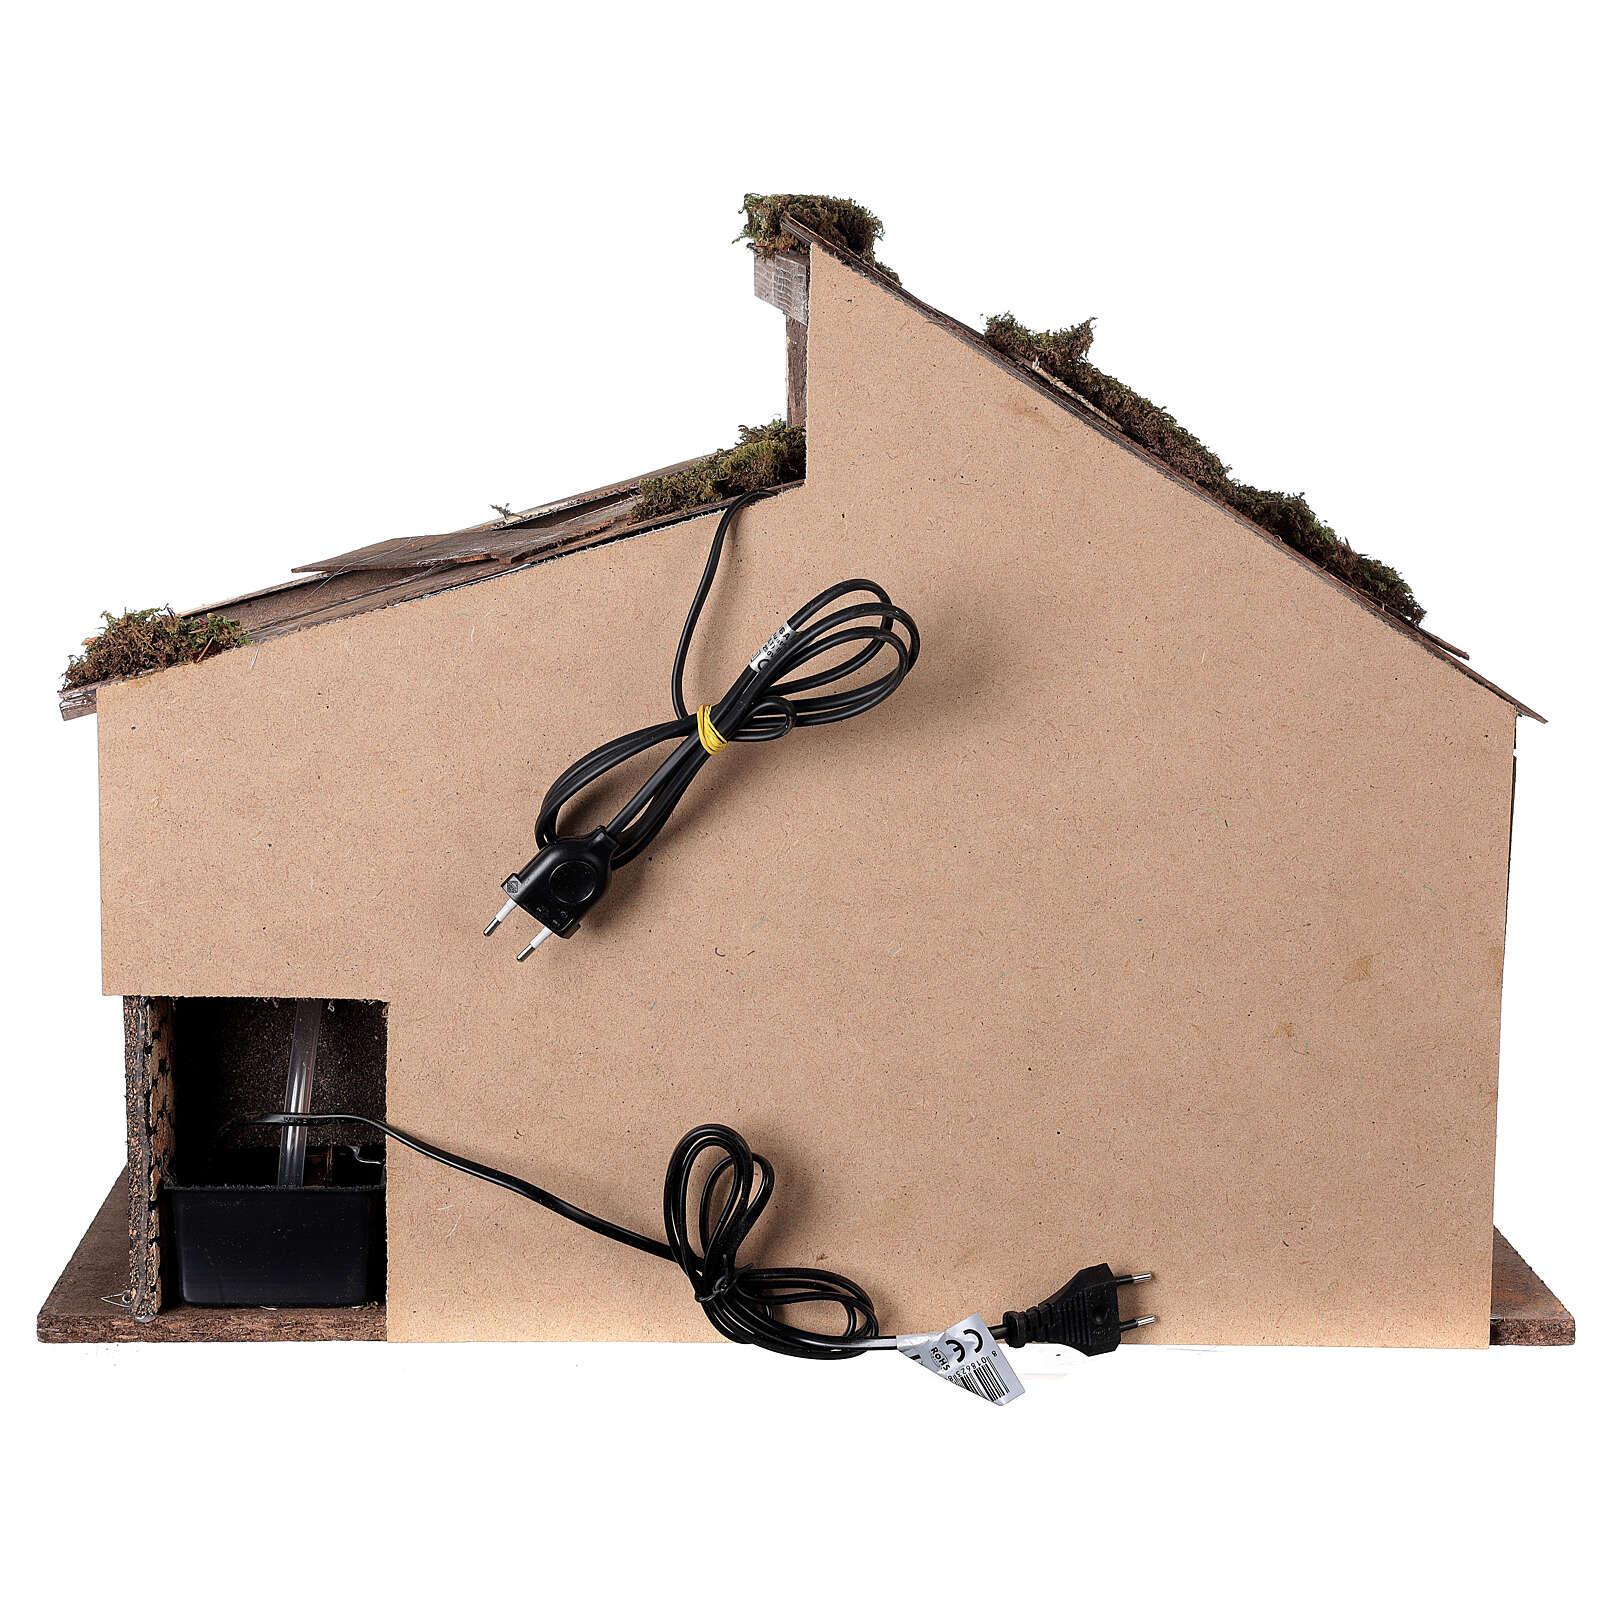 Cabane Nativité crèche moulin à eau 45x60x35 cm pour santons 14-16 cm 4